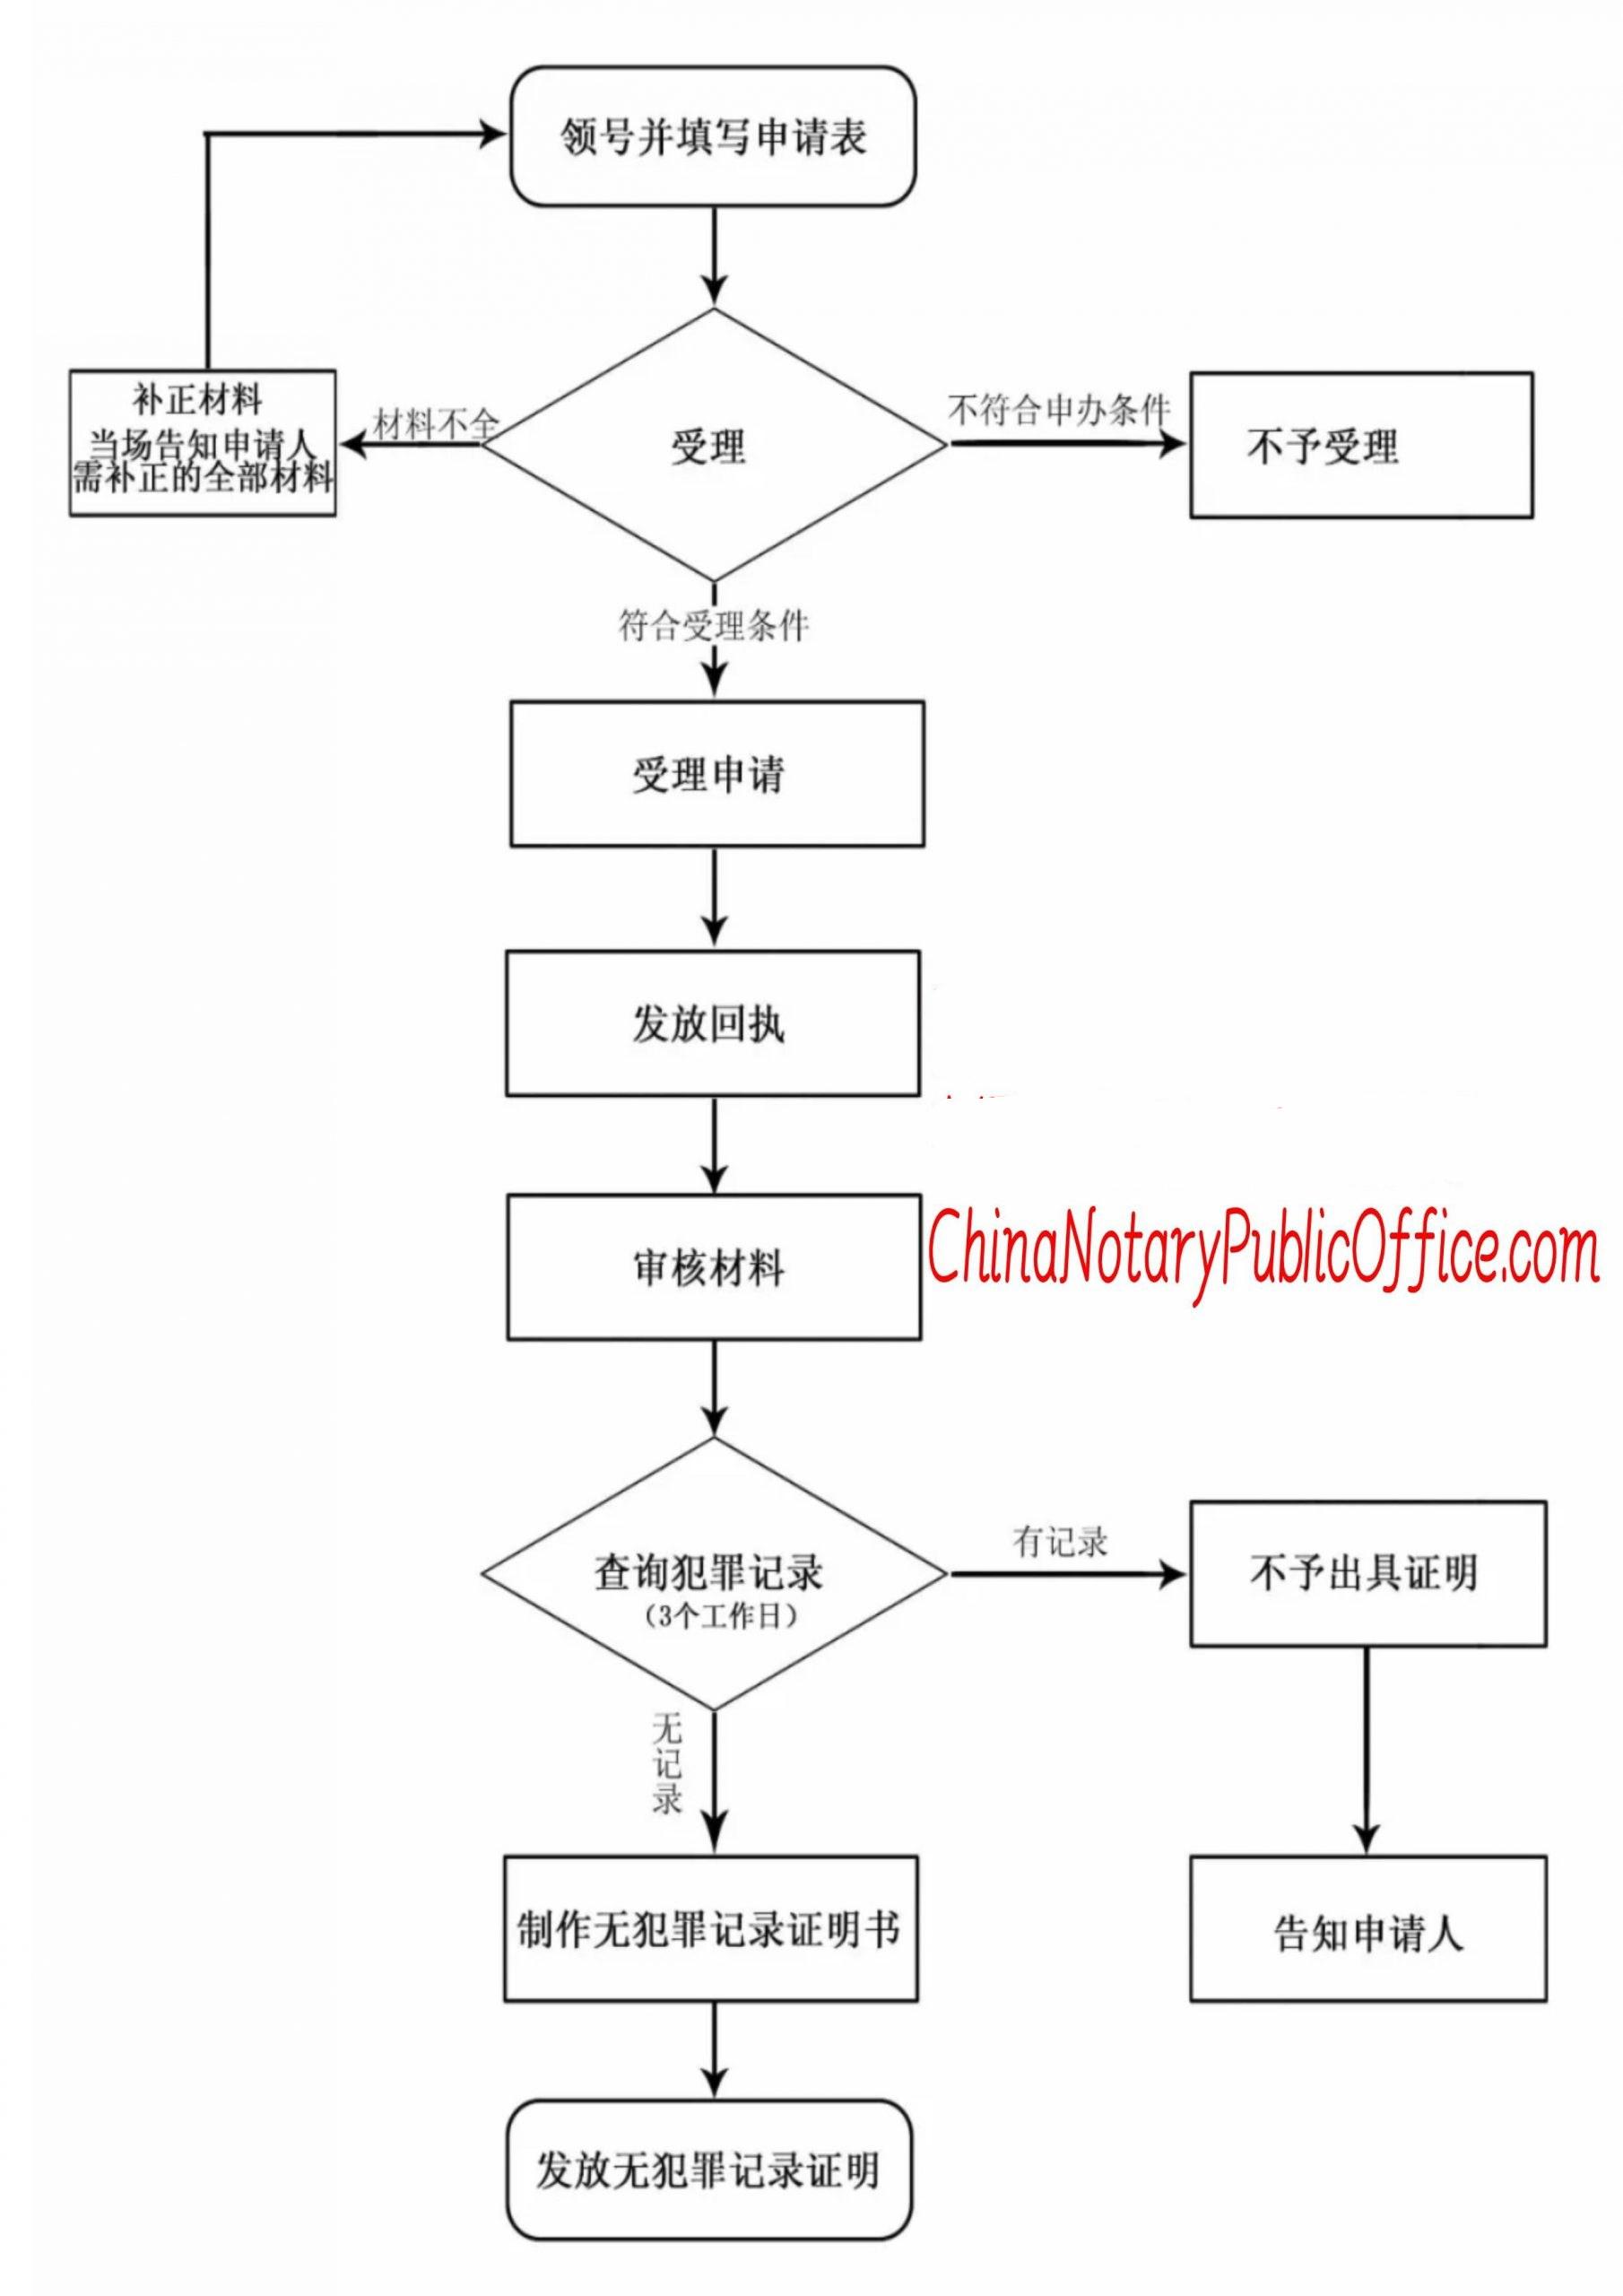 人在美国如何办理老家无犯罪记录证明书,如何代办?,中国公证处海外服务中心